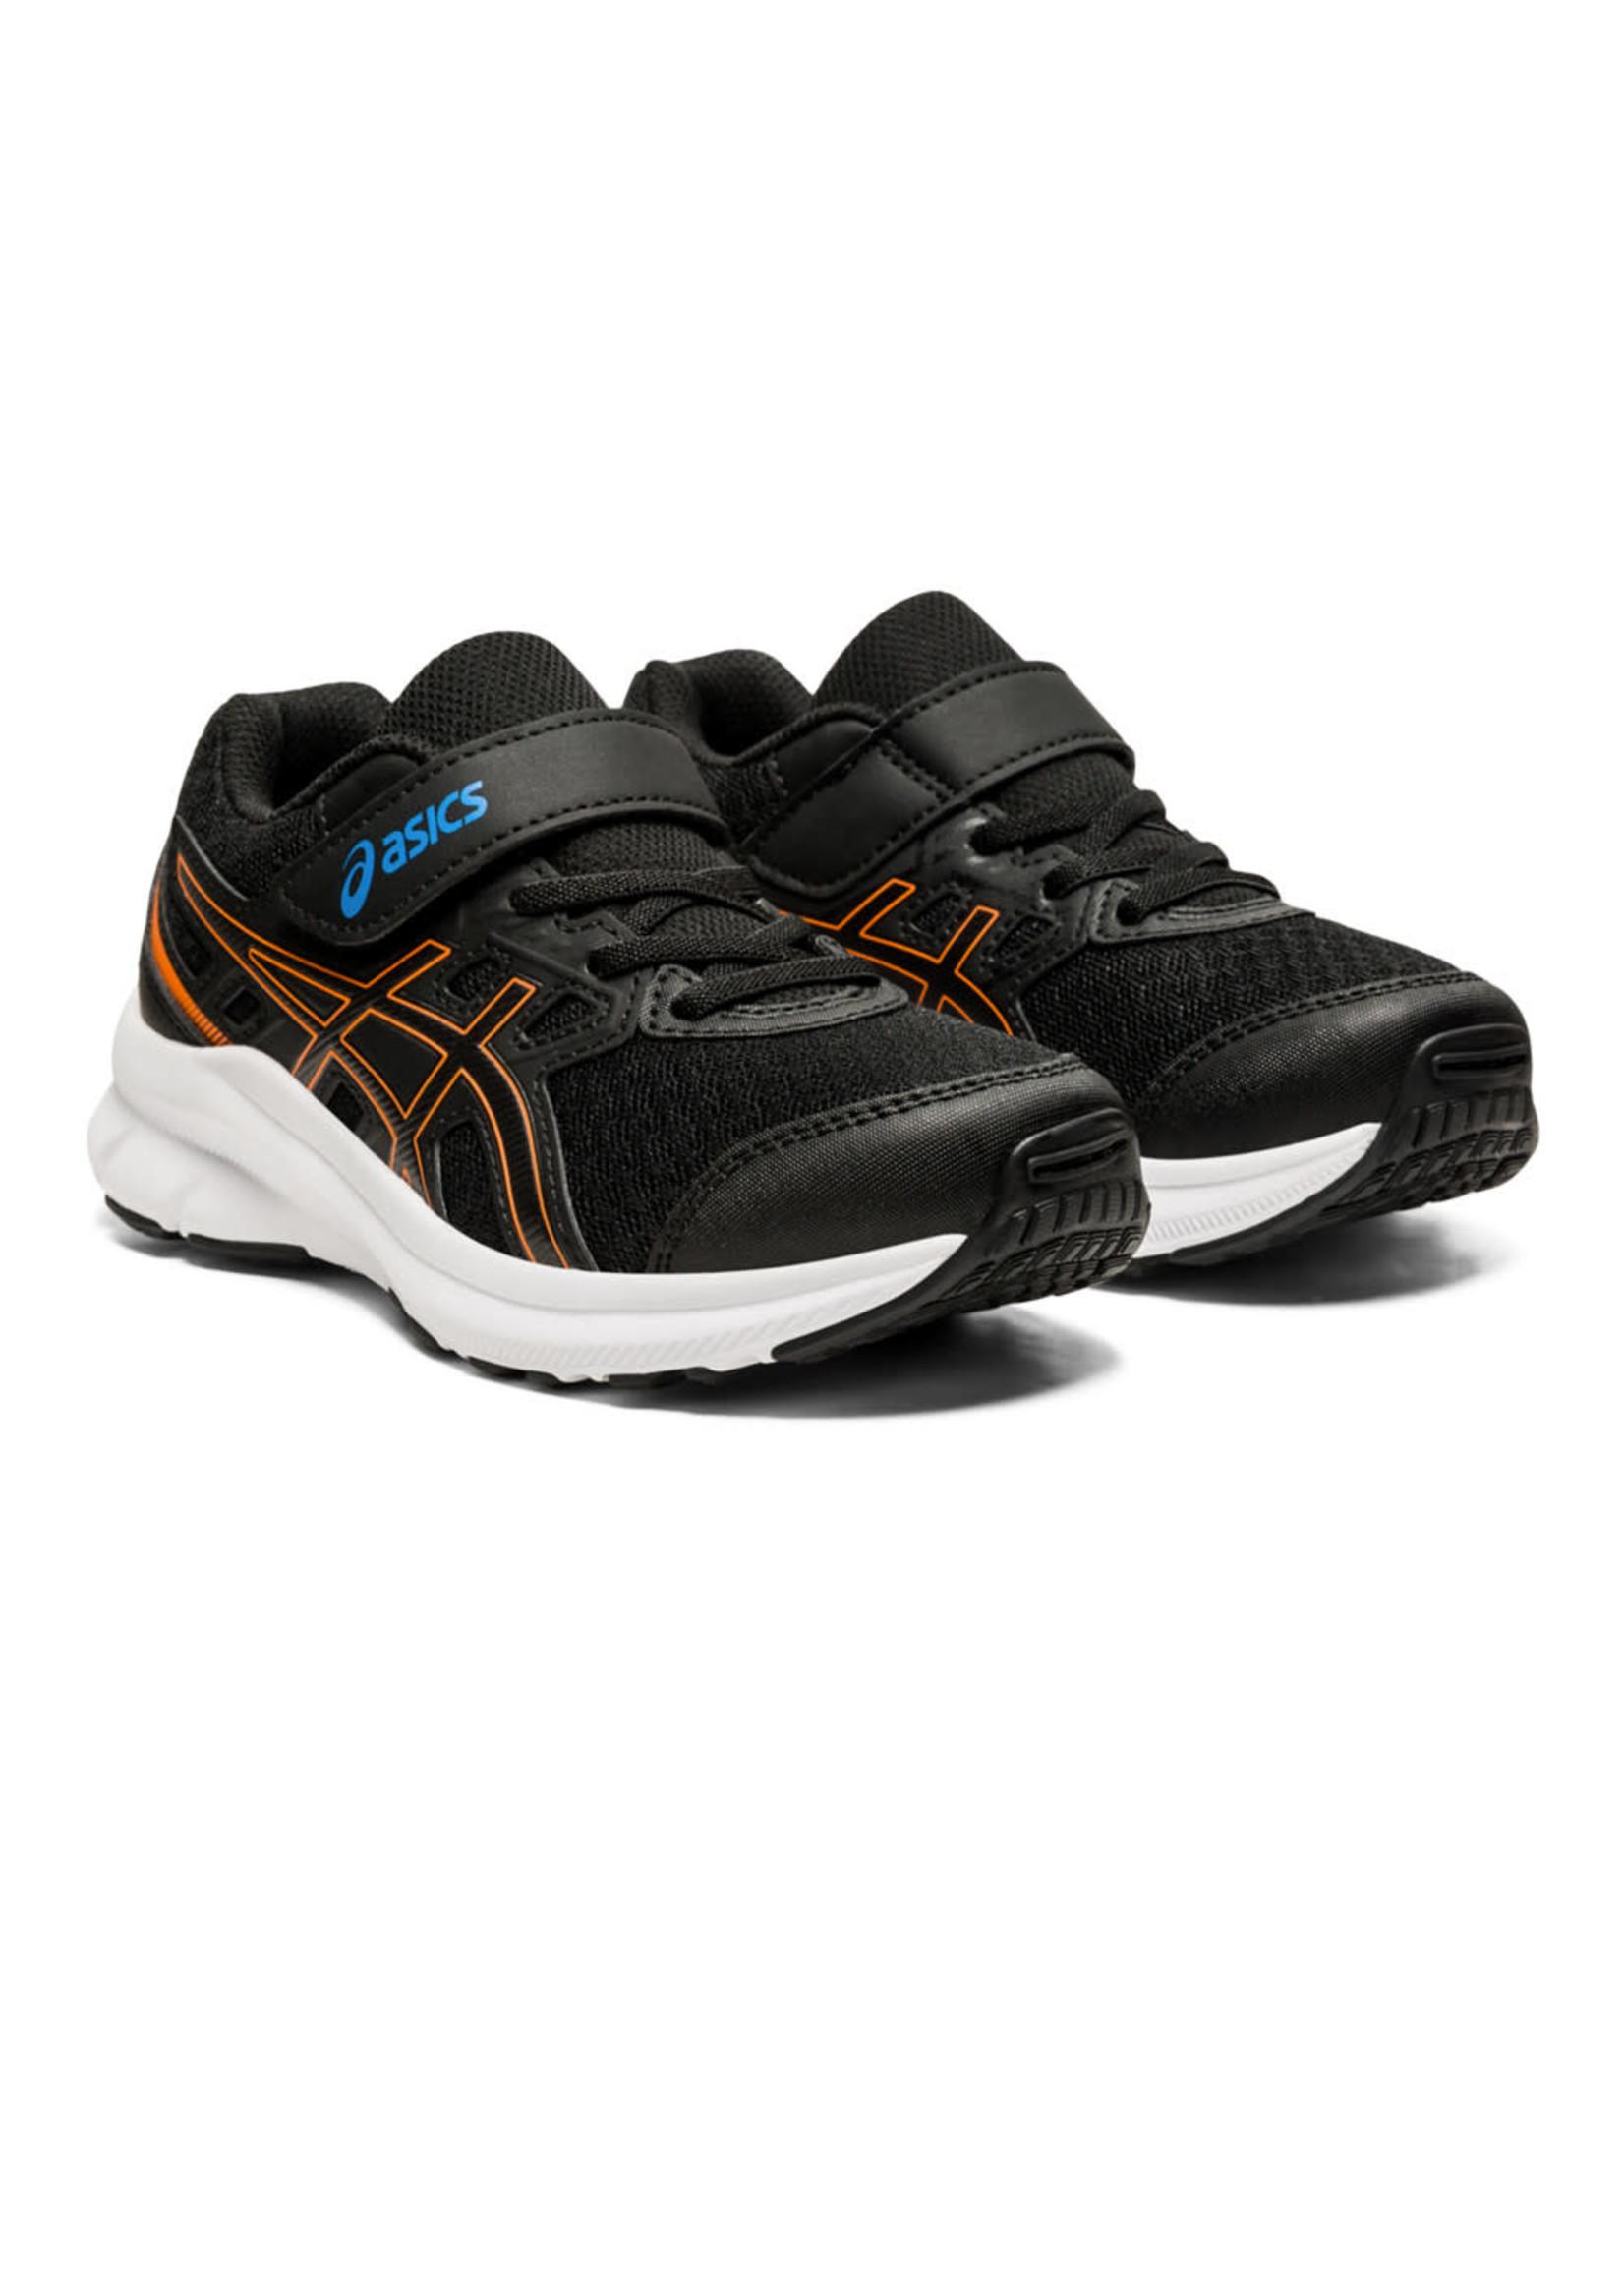 Asics Jolt 3 PS Junior Running Shoe, Black/Reborn Blue, (2021)